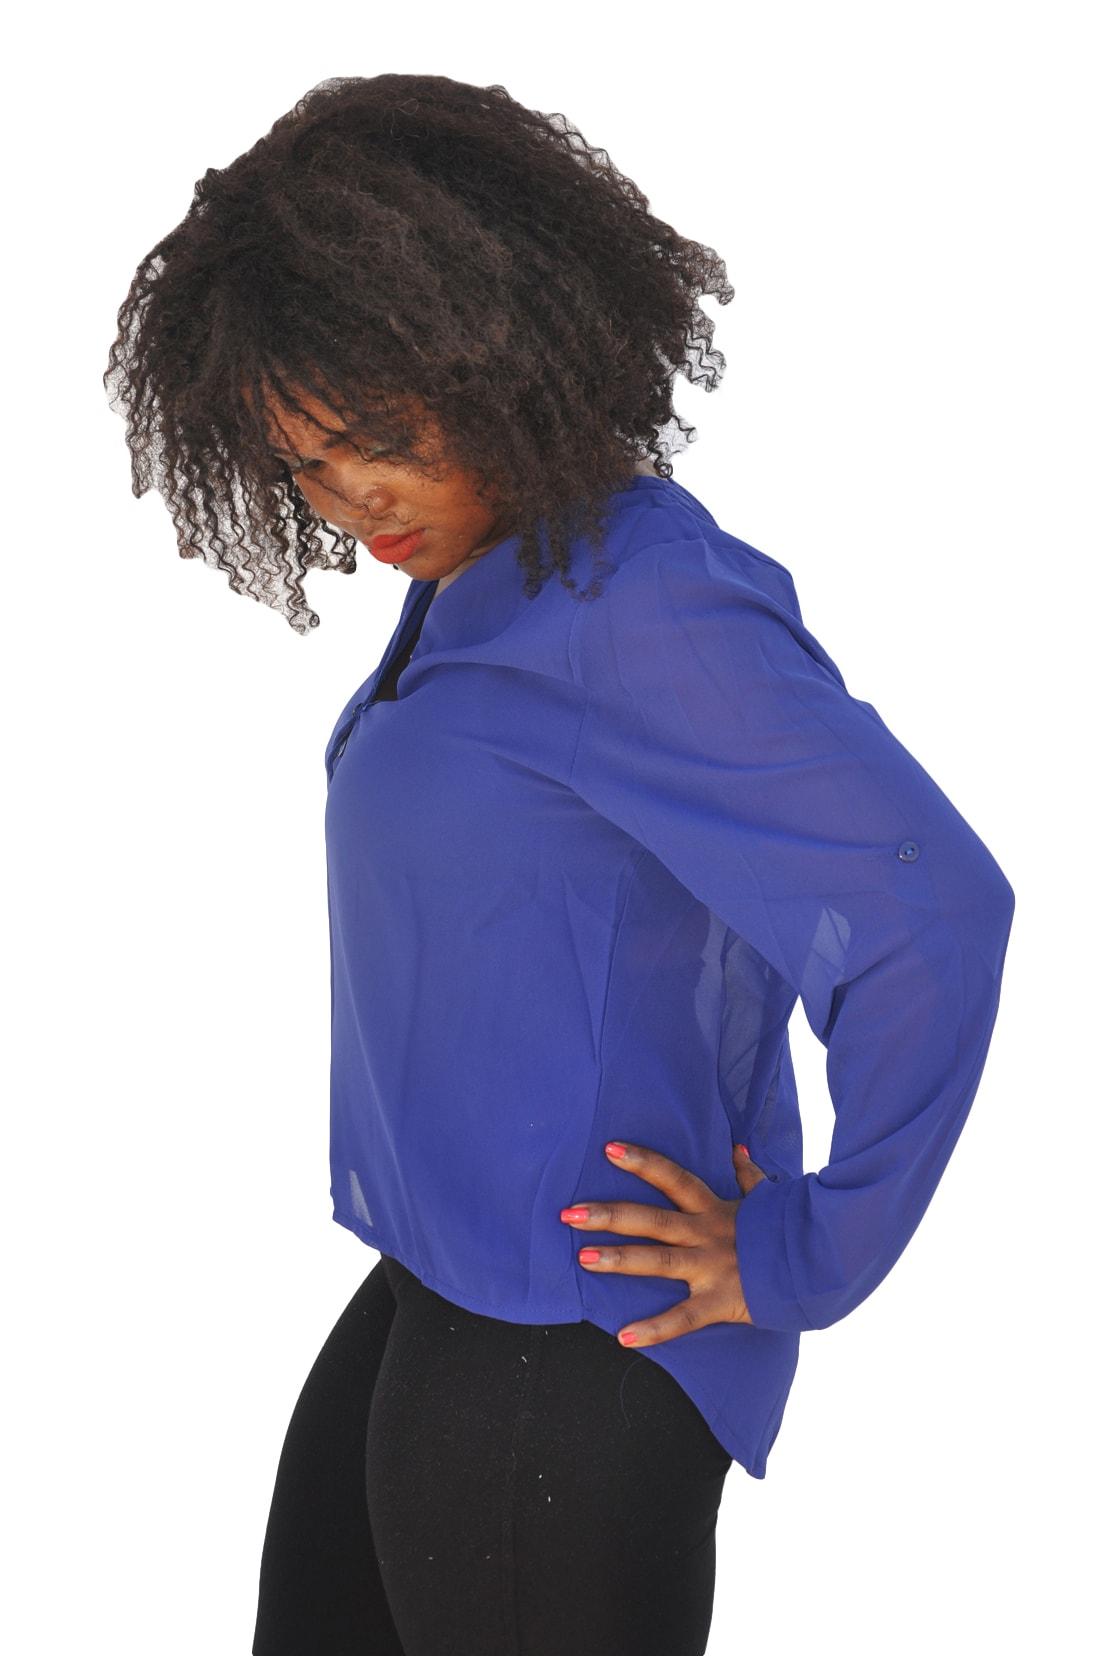 M0225 blue4 Blouses Tops Shirts maureens.com boutique